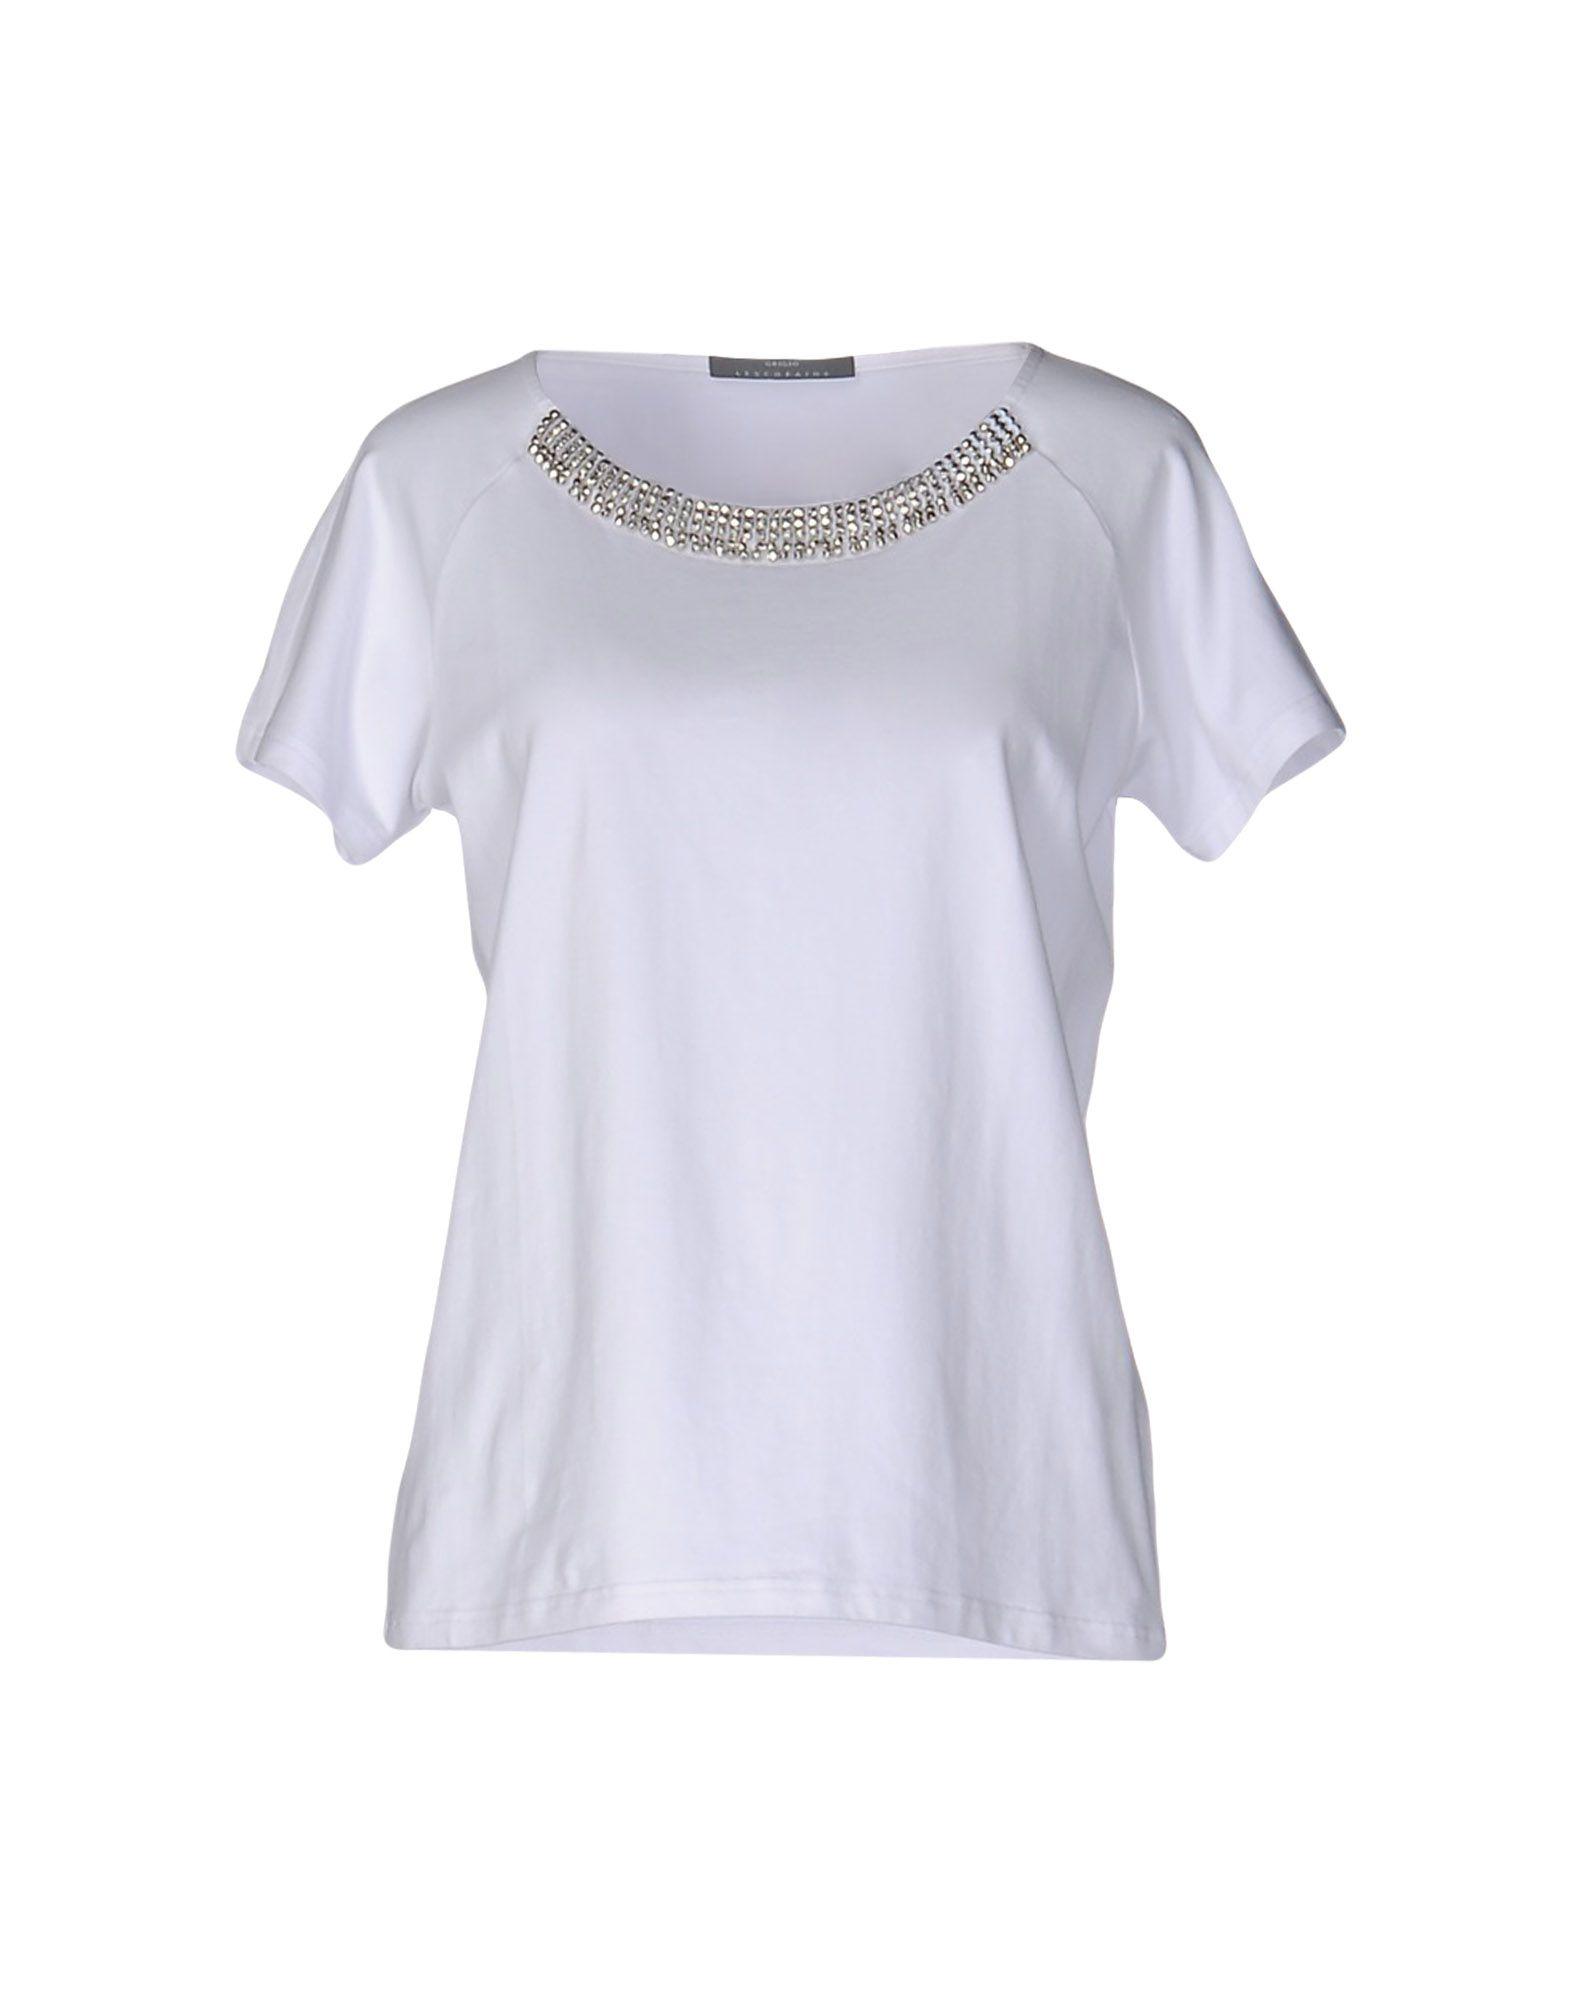 T-Shirt Les Copains donna - 37910201IX 37910201IX 37910201IX 769